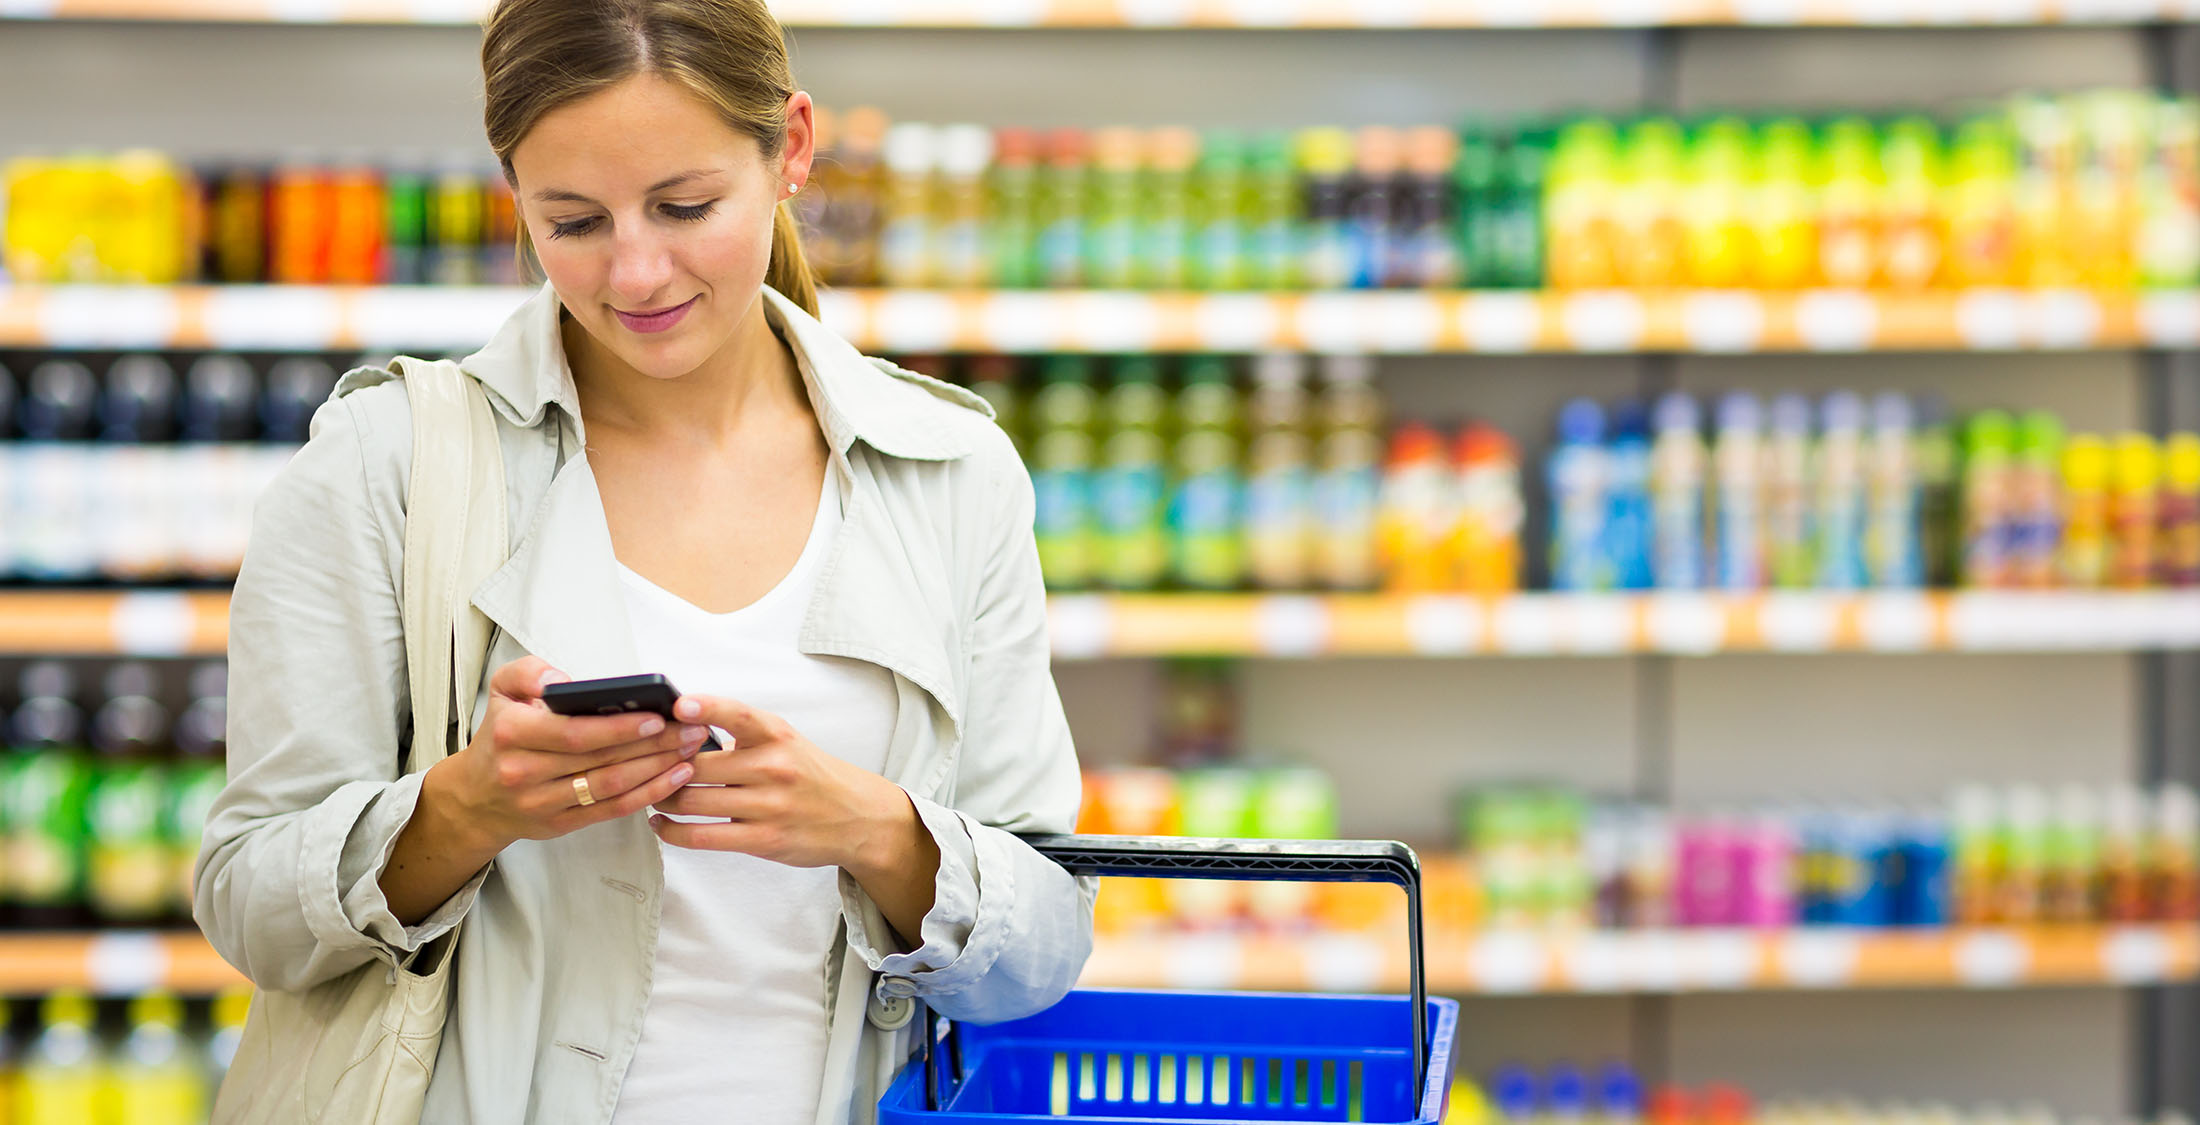 Aplicativo ajuda a encontrar melhor preço no supermercado – Catraca livre